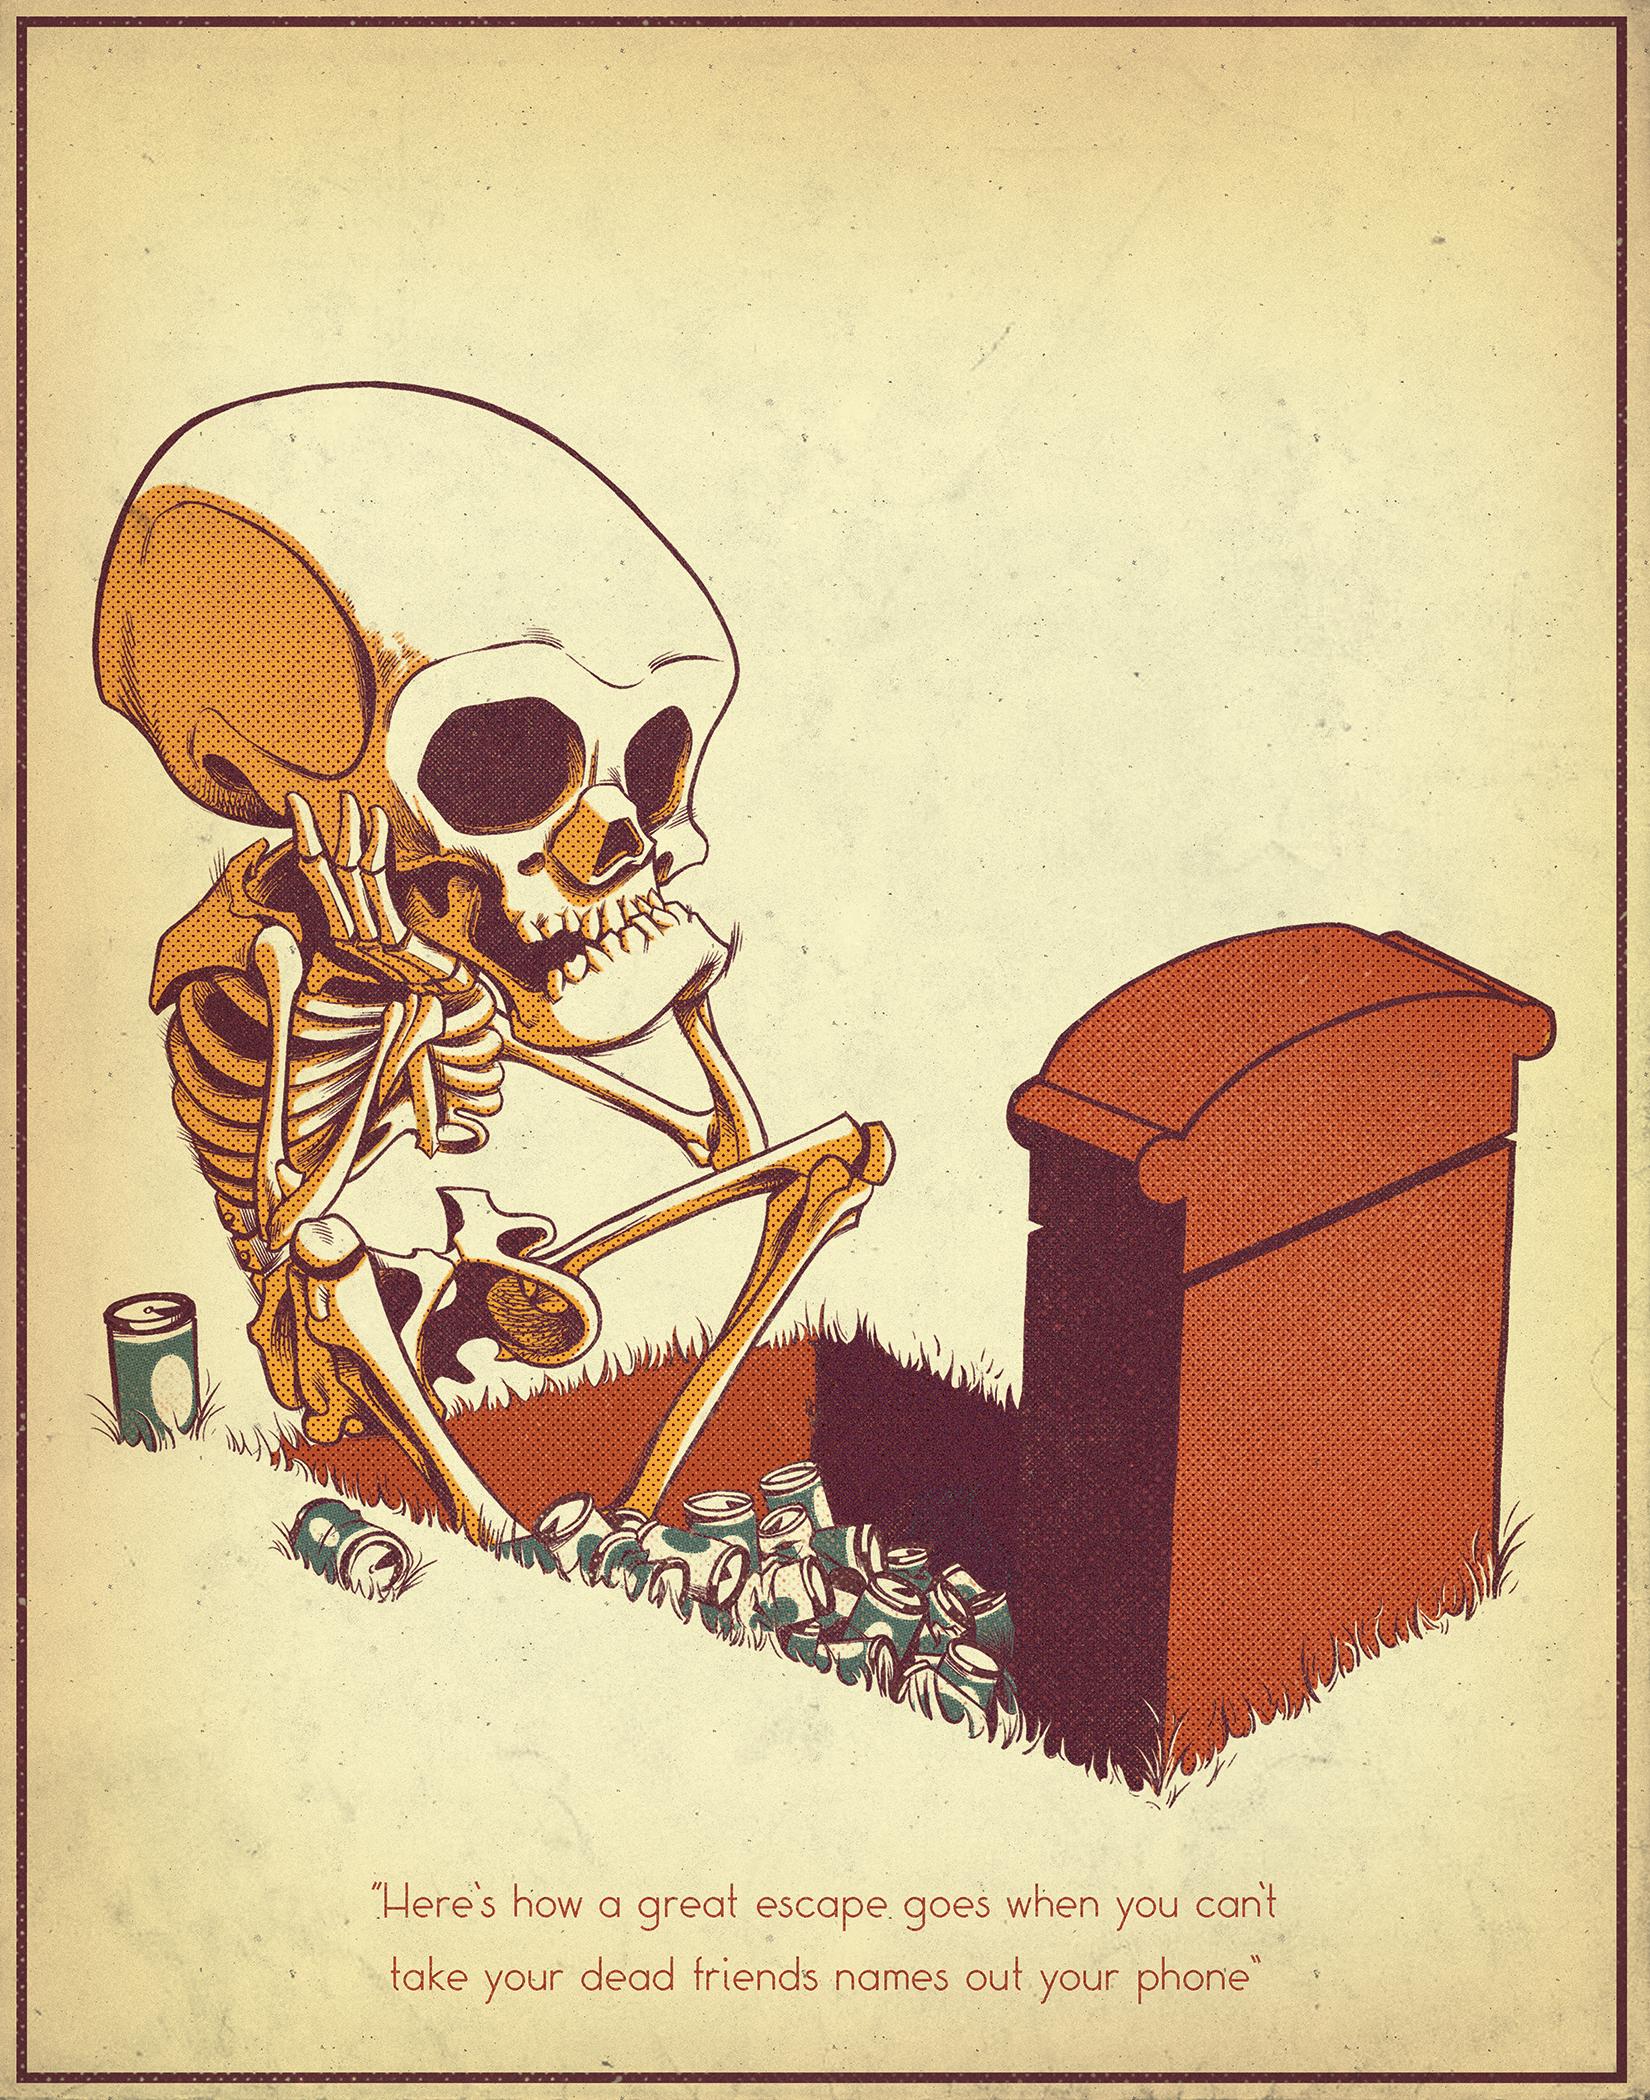 deadfriends.png